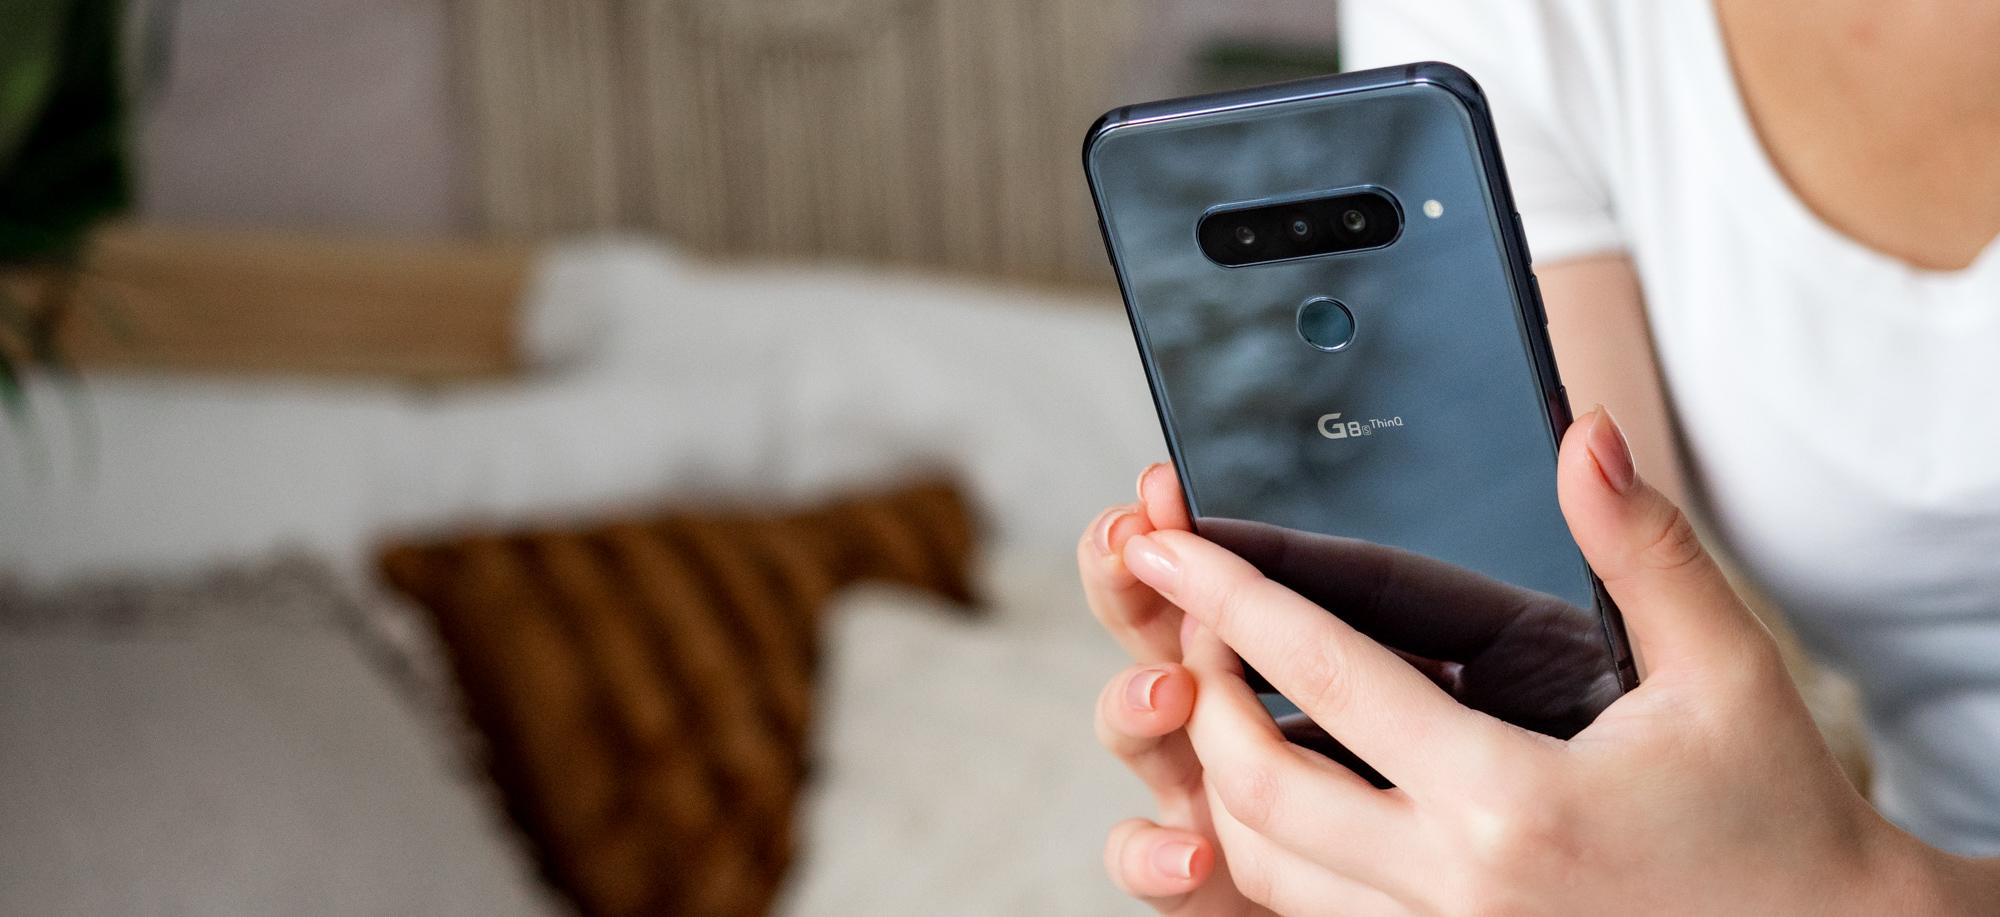 LG 10 telefonoetarako Android 10 - eguneratzea lortuko duten modeloen zerrenda ofiziala